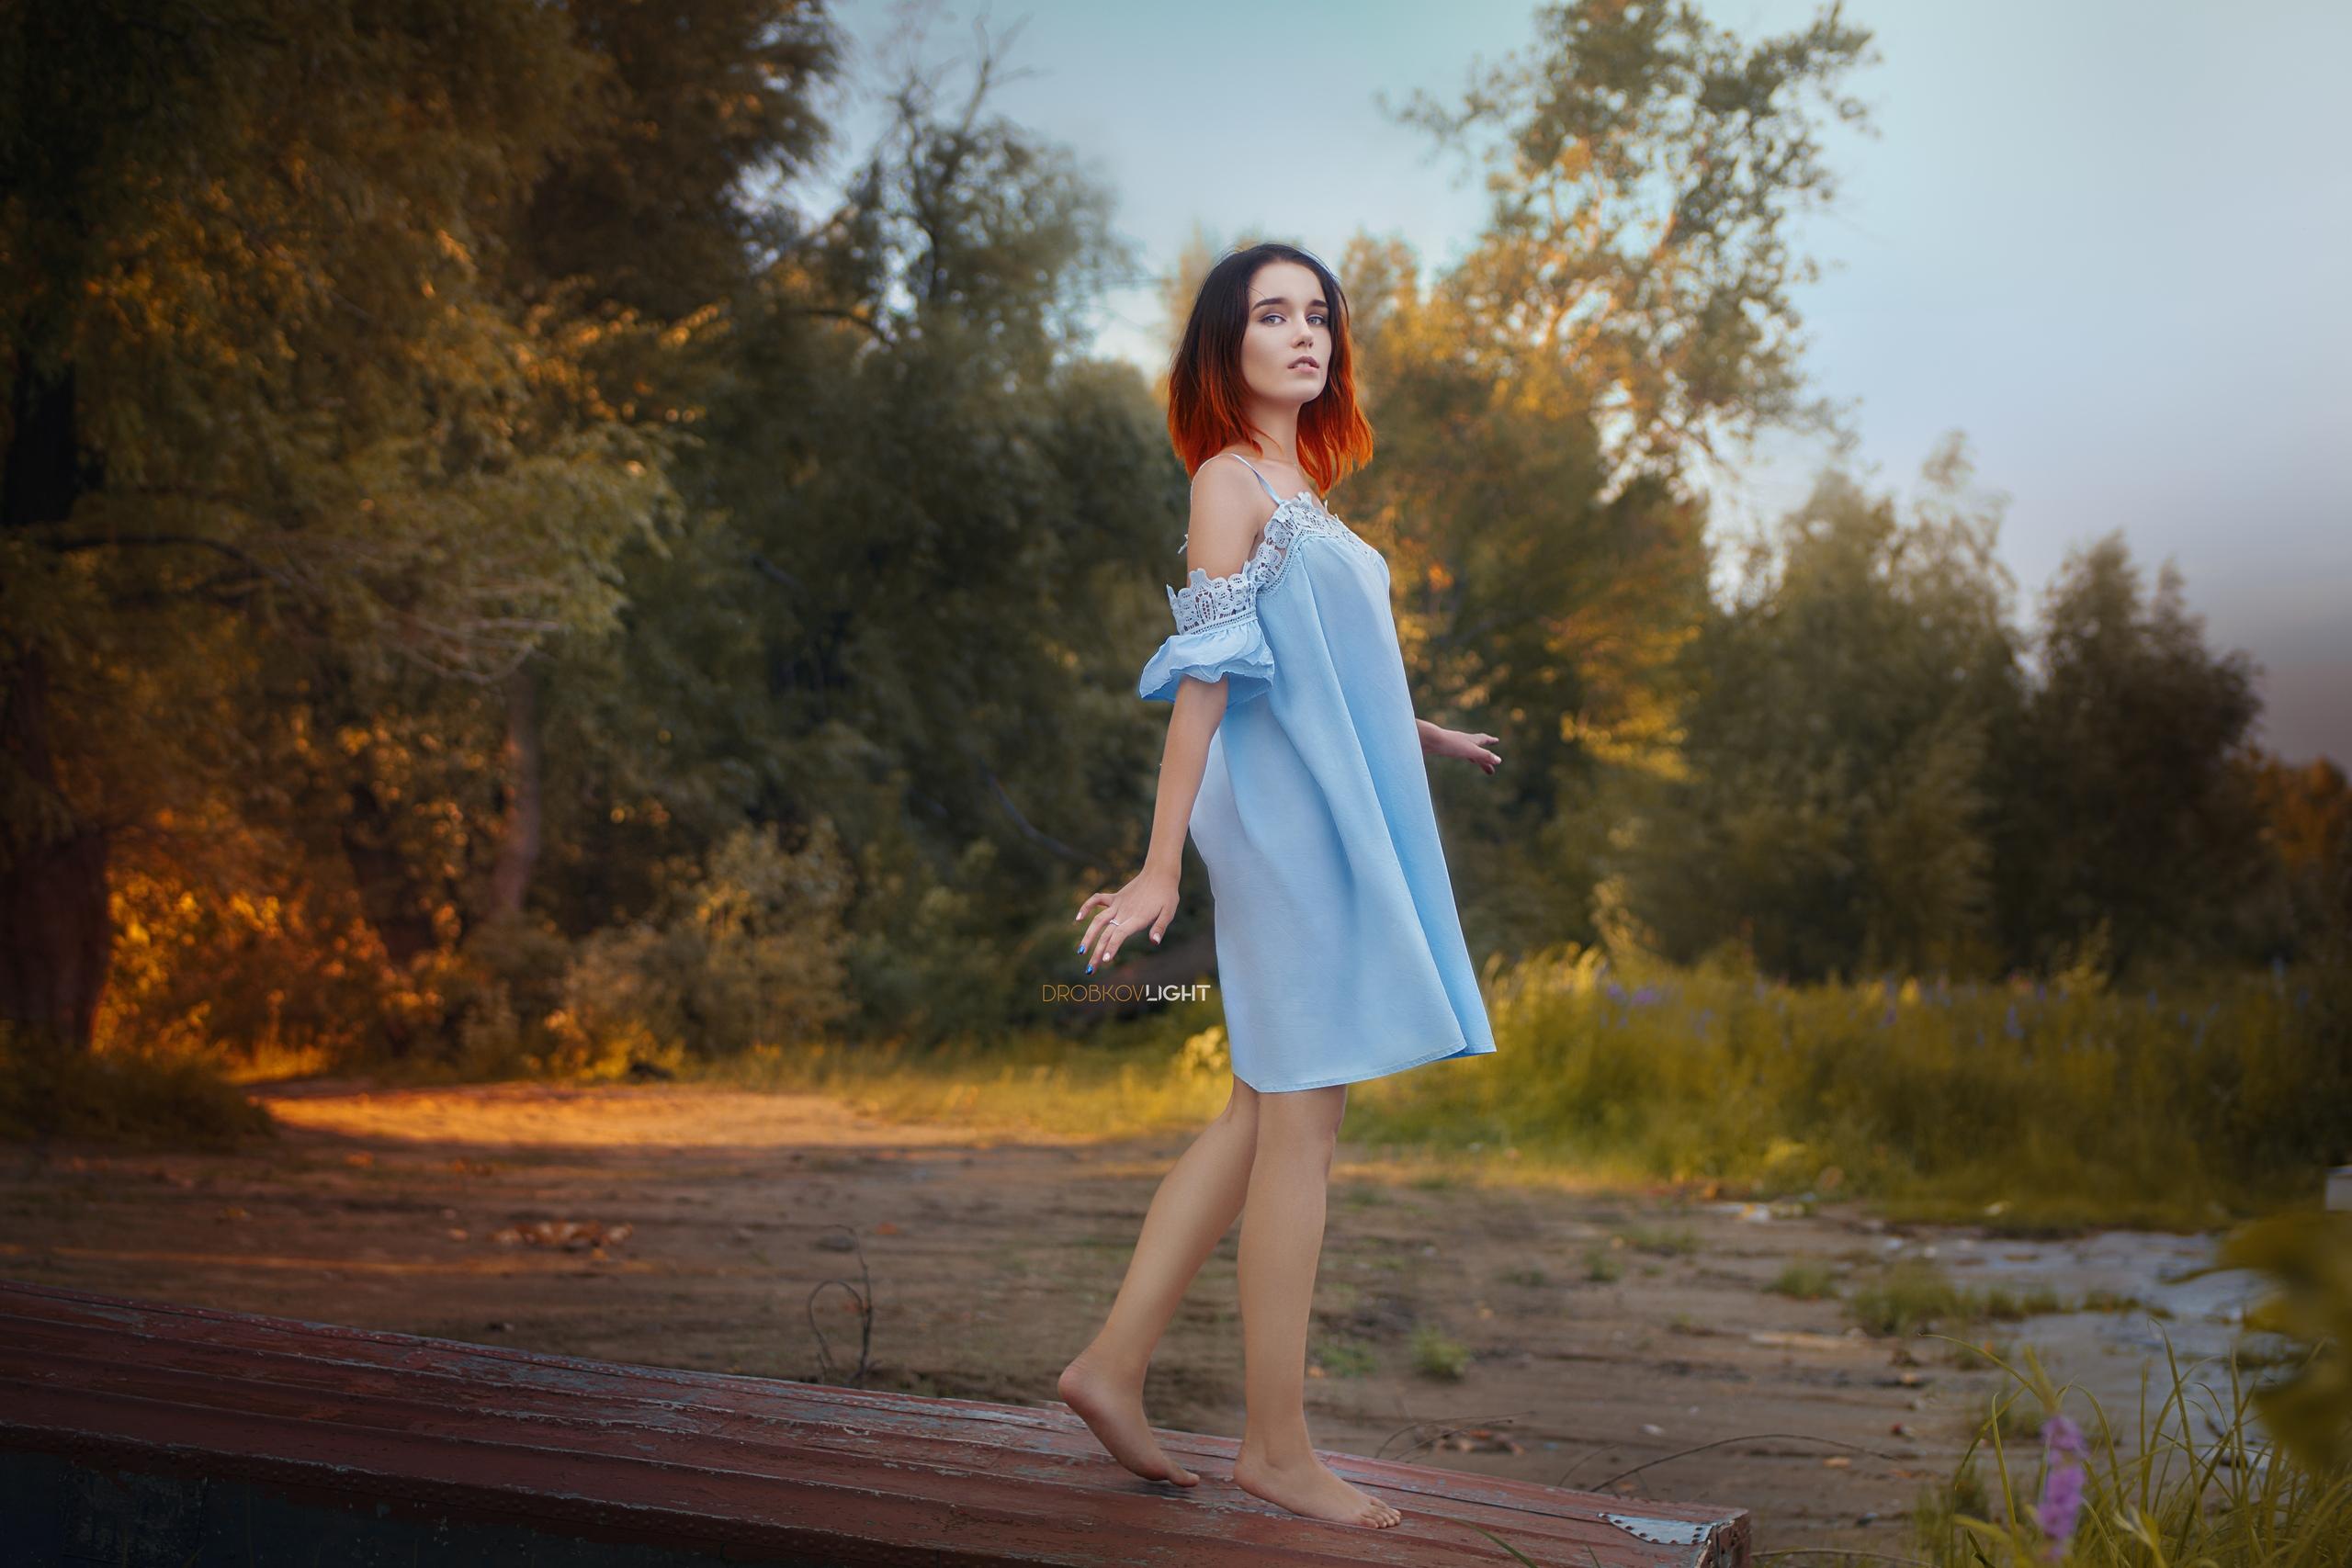 Другой рыжеволосая девушка в голубом платье начинает раздеваться